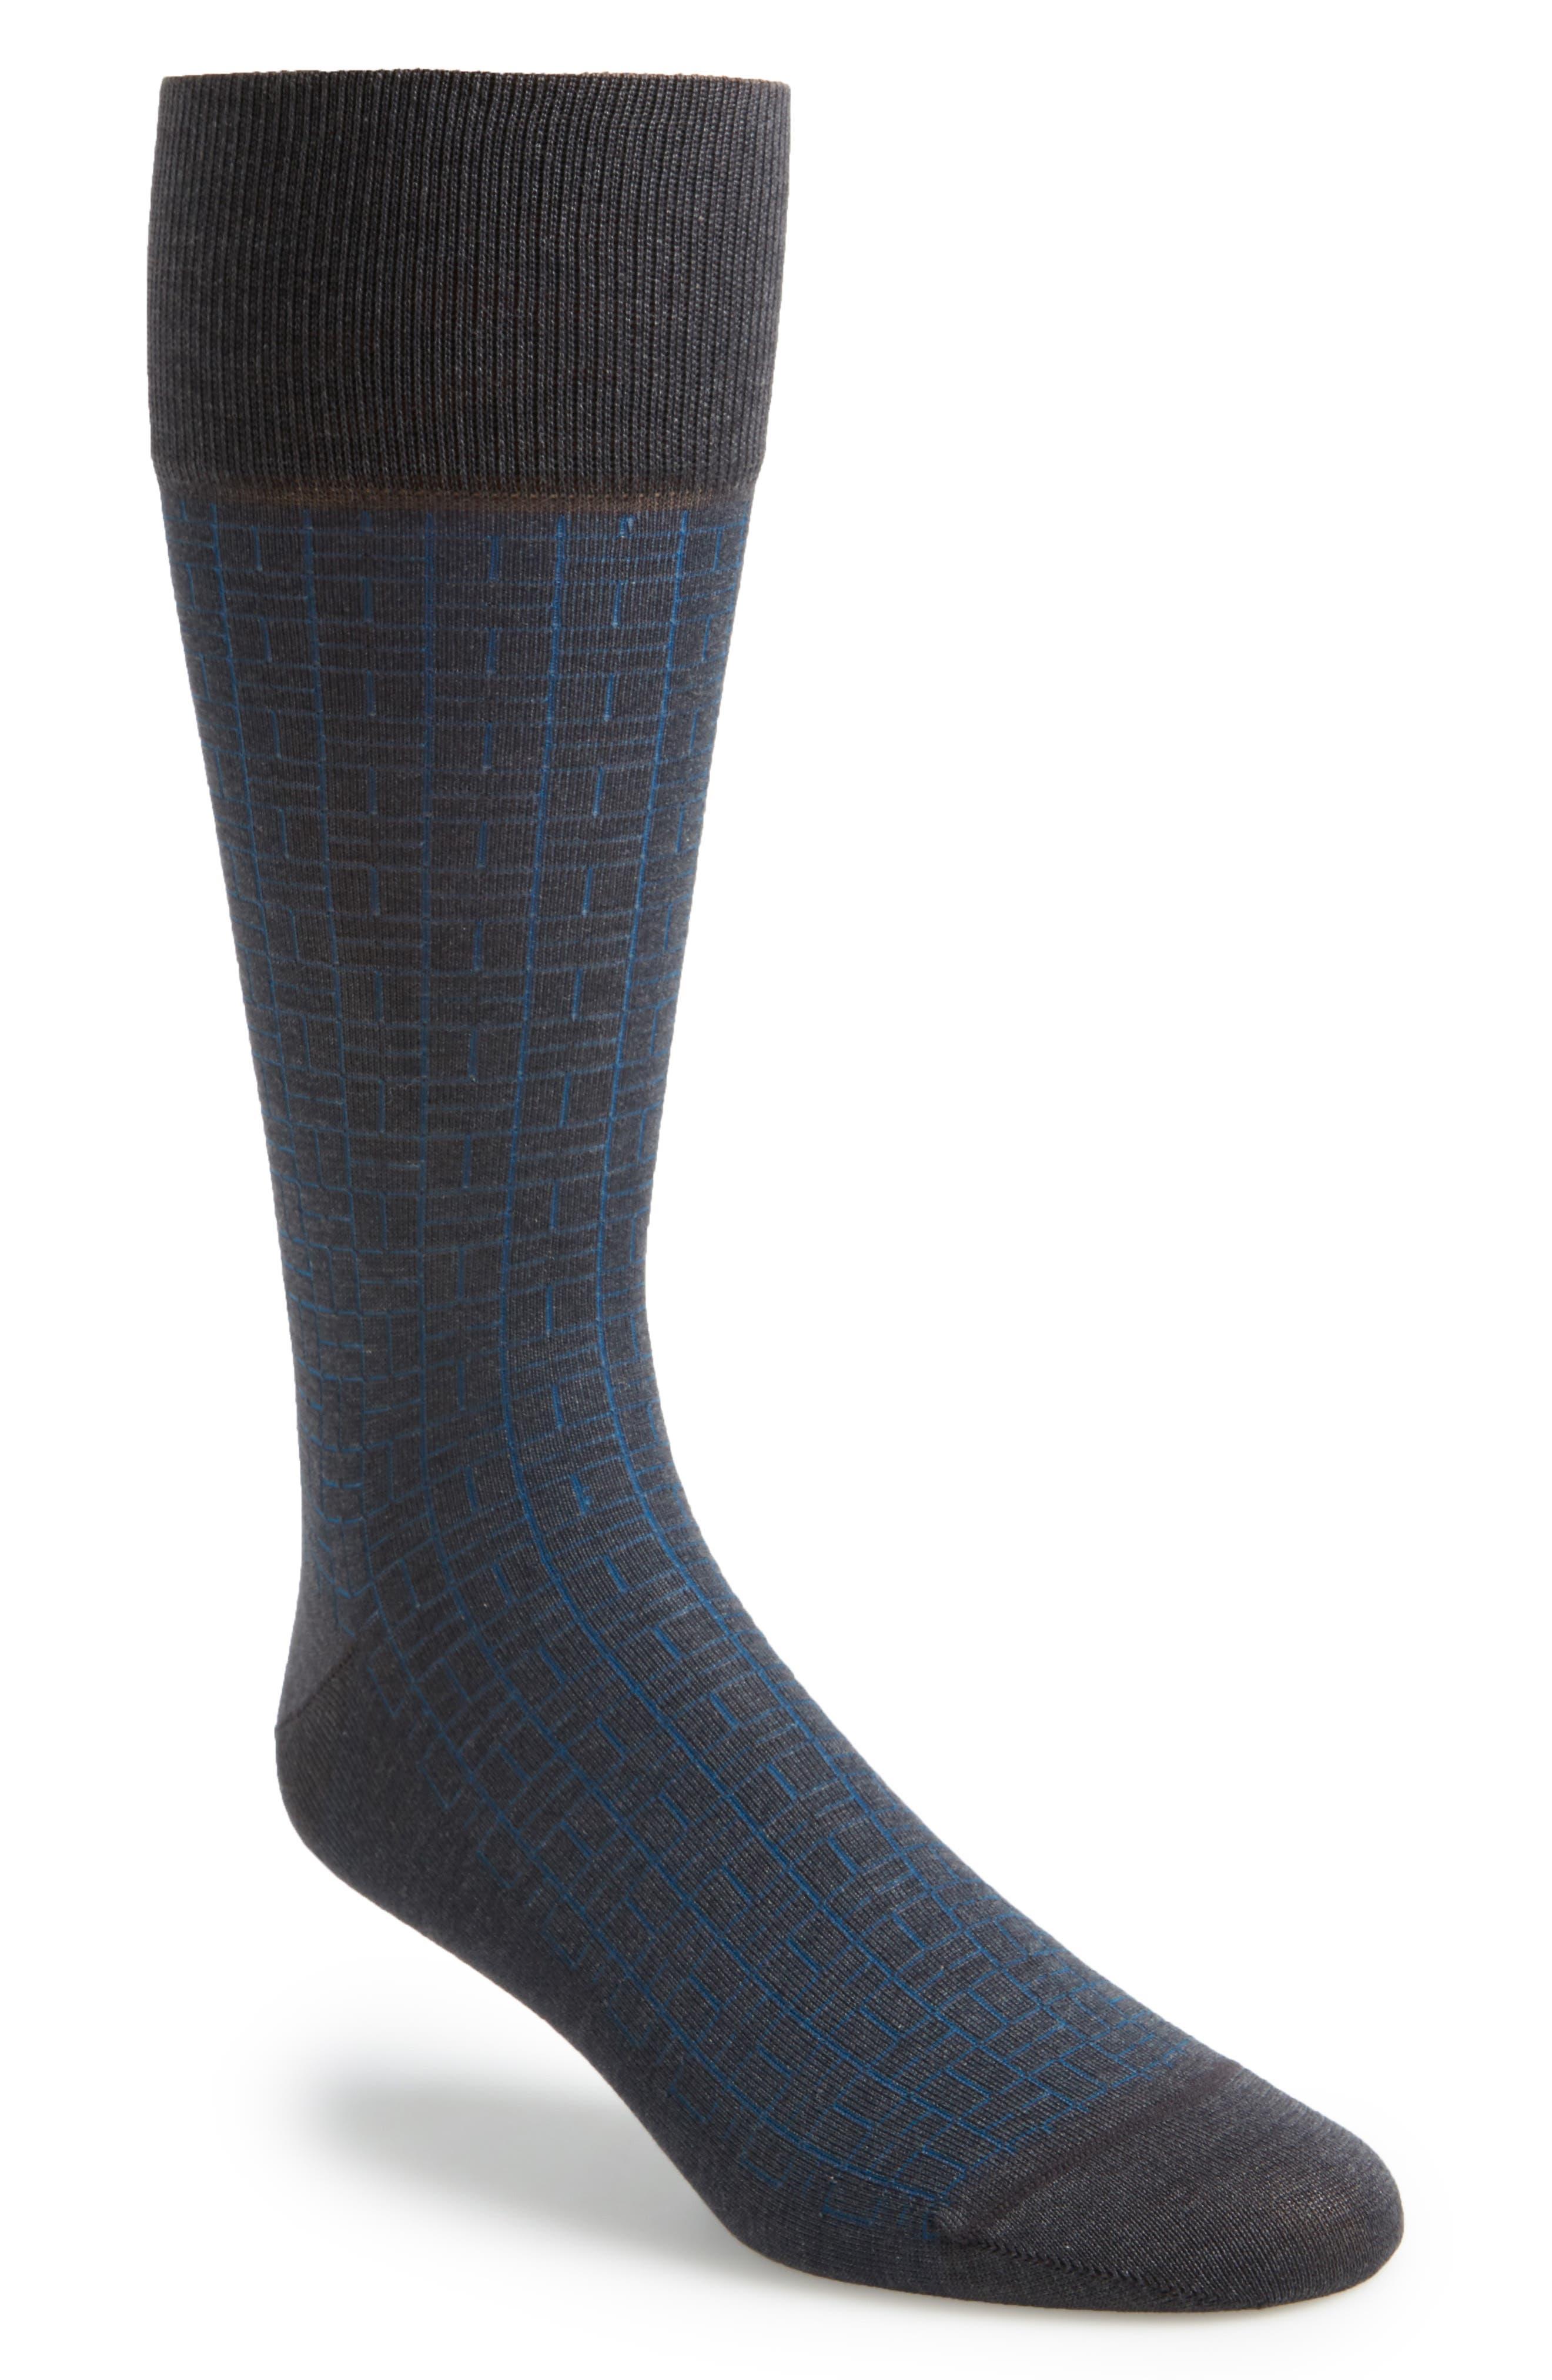 Domino Socks,                             Main thumbnail 1, color,                             021